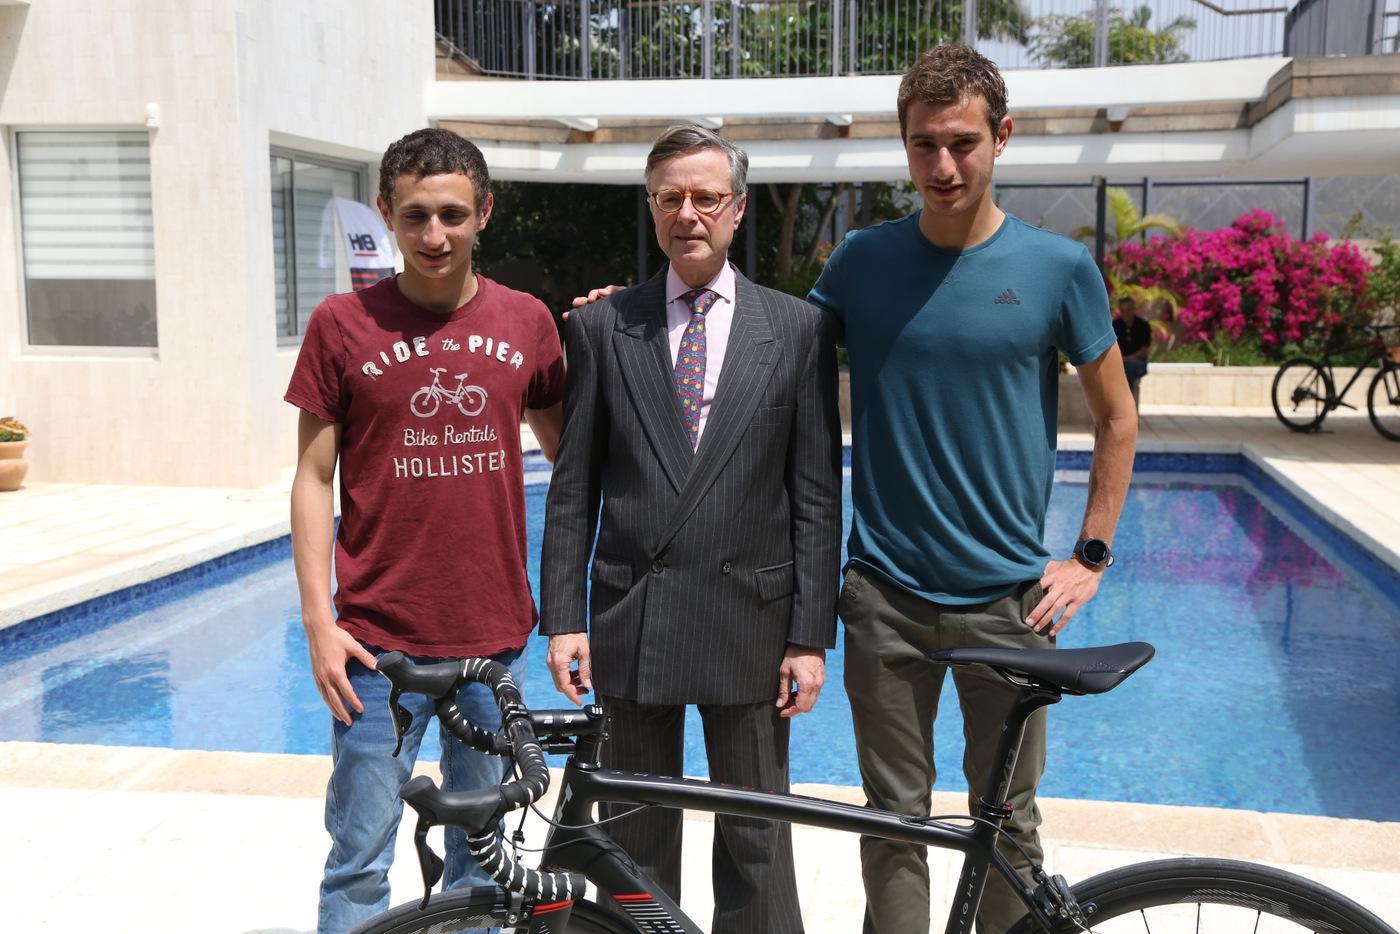 רוכבי BH ישראל: שחר ורן שגיב עם שגריר ספרד בישראל (צילם: דימה קרמינסקי, BH)